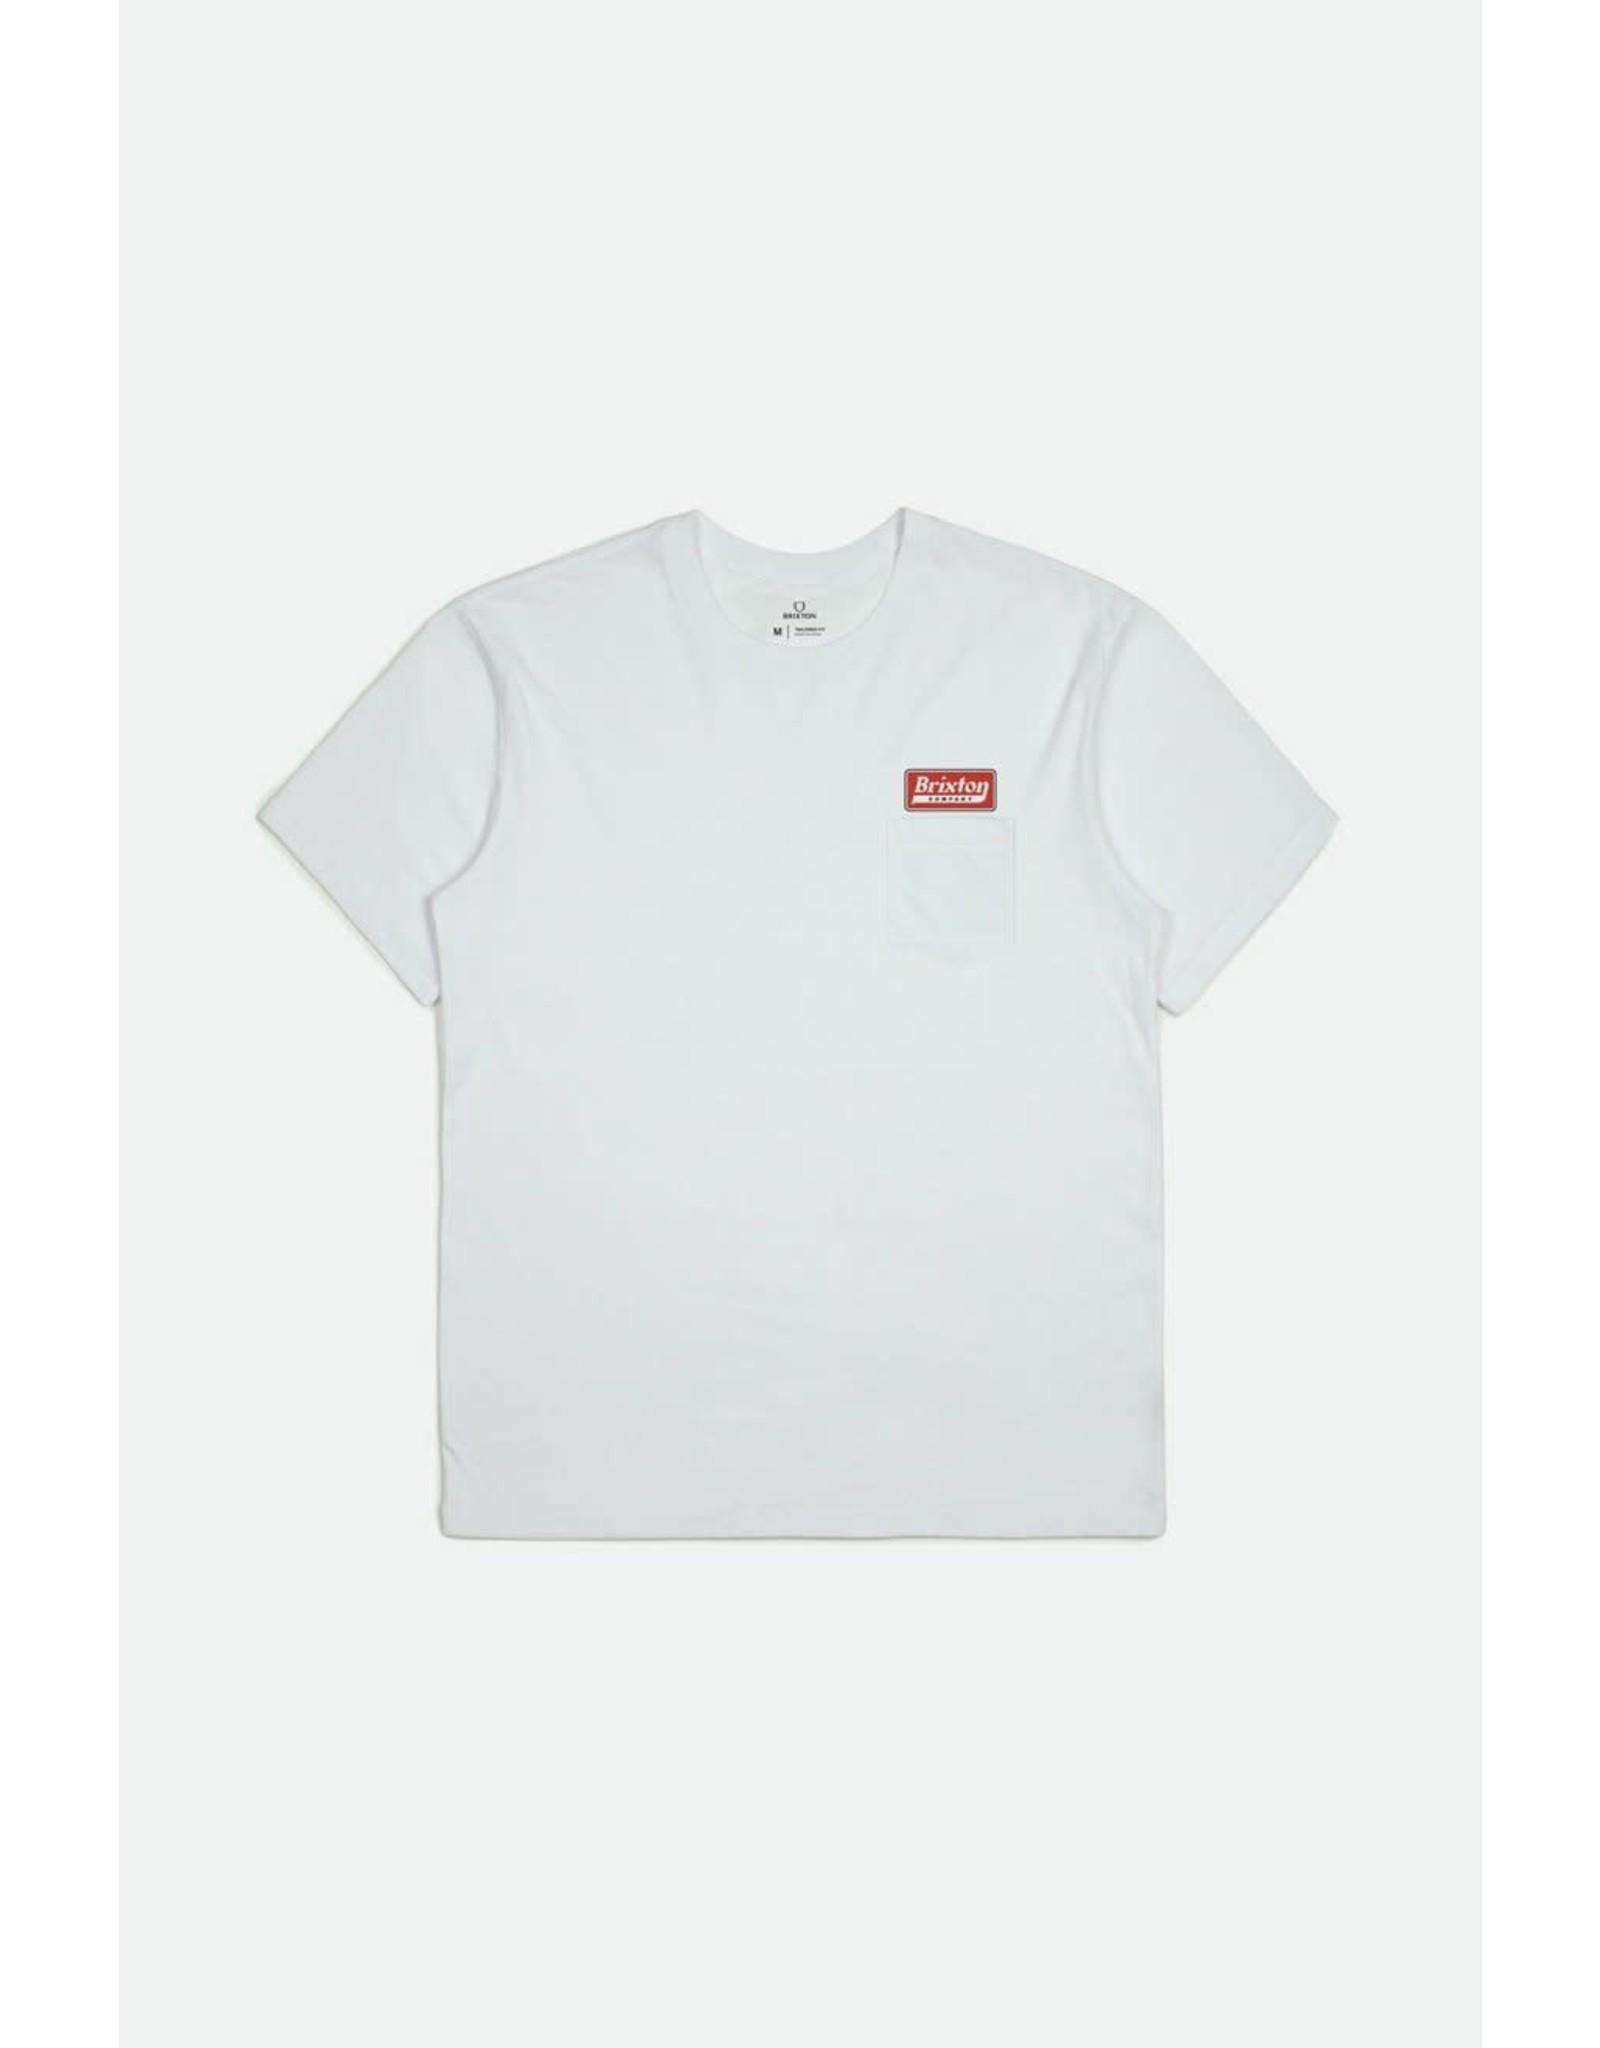 Brixton Brixton - T-shirt homme steadfast white